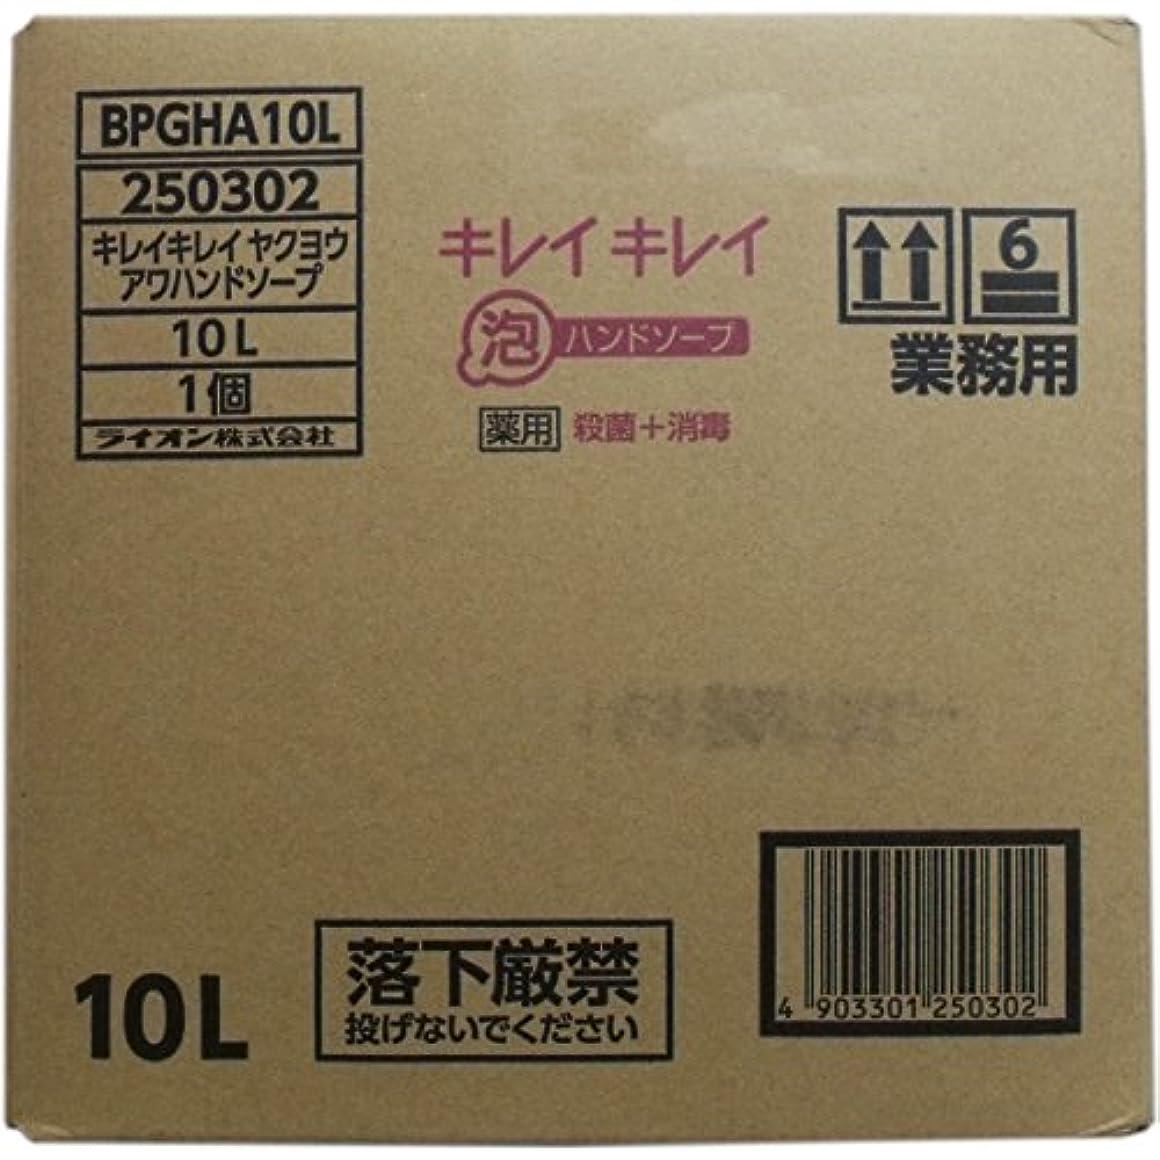 ダンスプロフェッショナル光の業務用キレイキレイ 薬用泡ハンドソープ 10L×2個セット